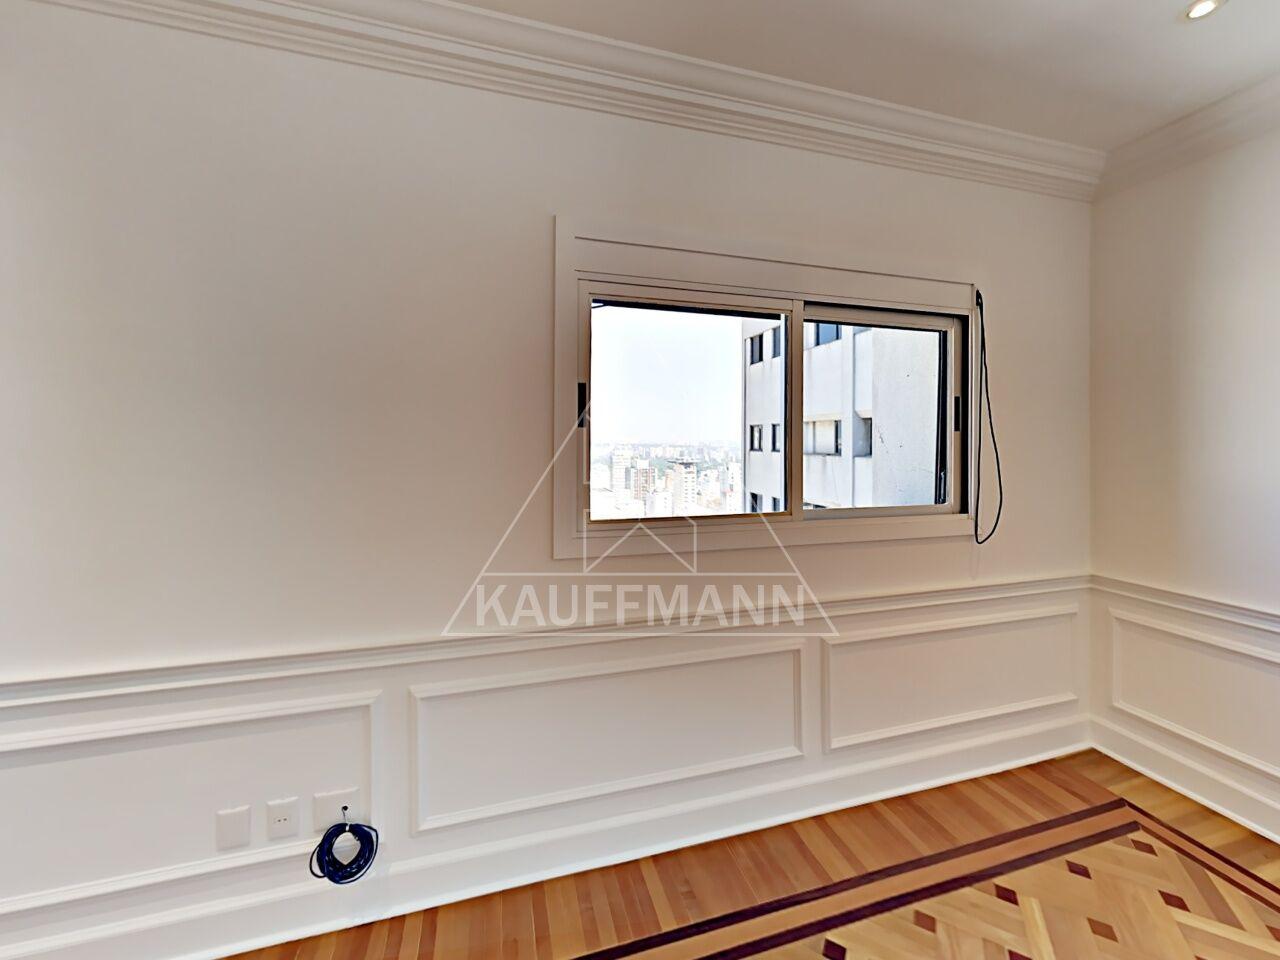 apartamento-venda-sao-paulo-jardim-america-regency-6dormitorios-6suites-7vagas-1099m2-Foto2